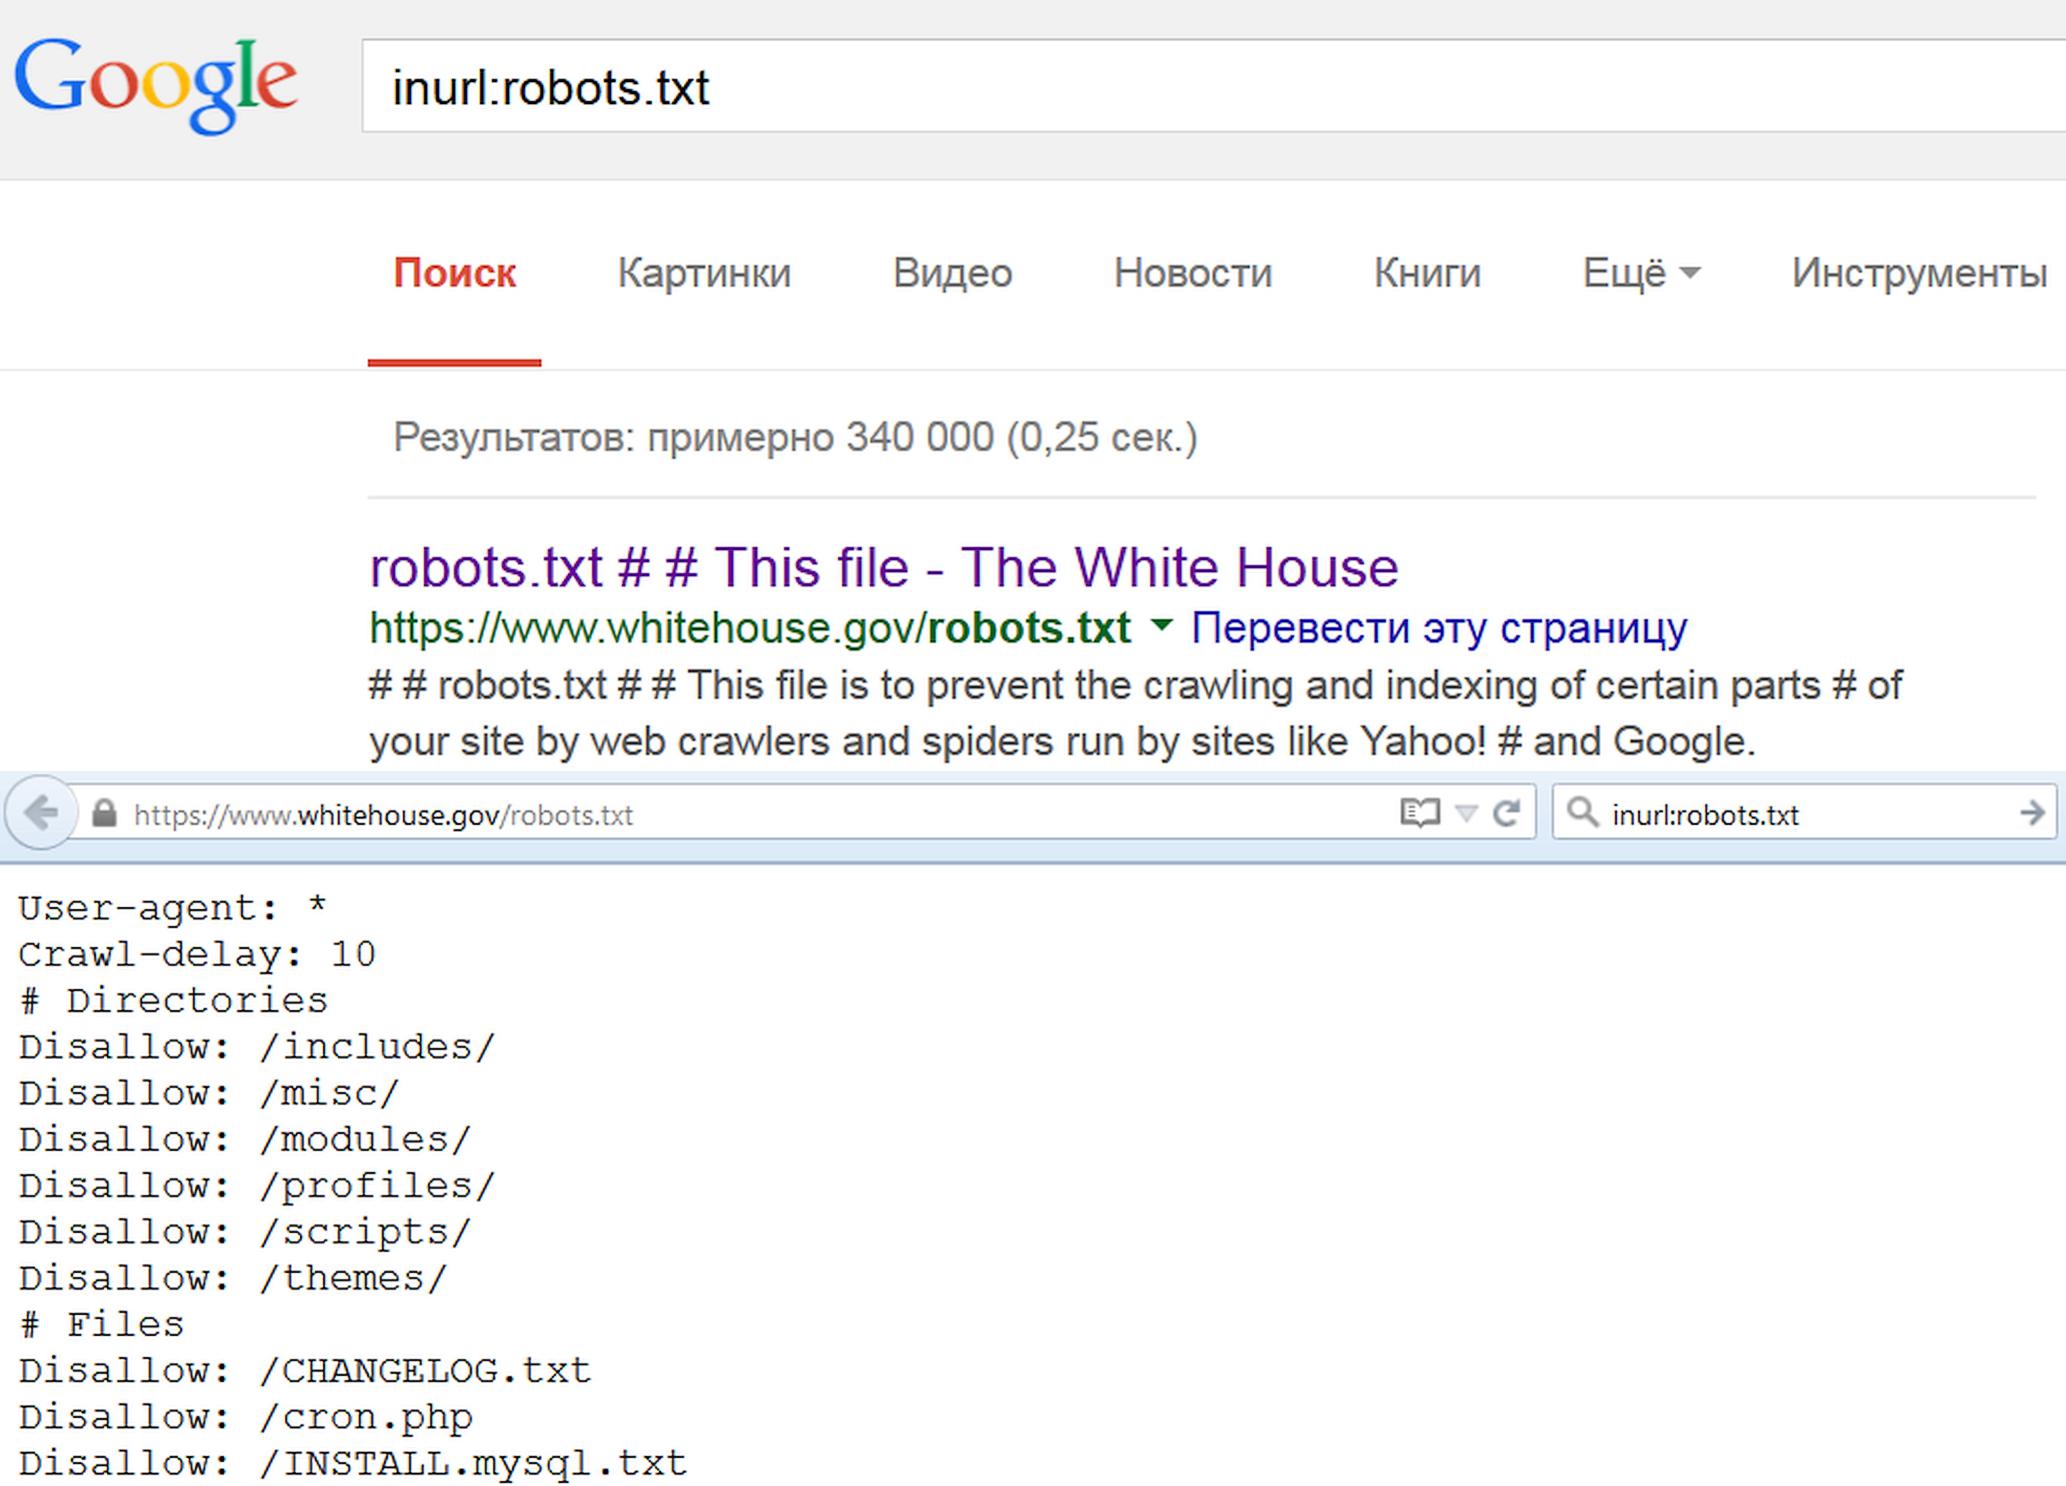 Белый дом приветствует роботов